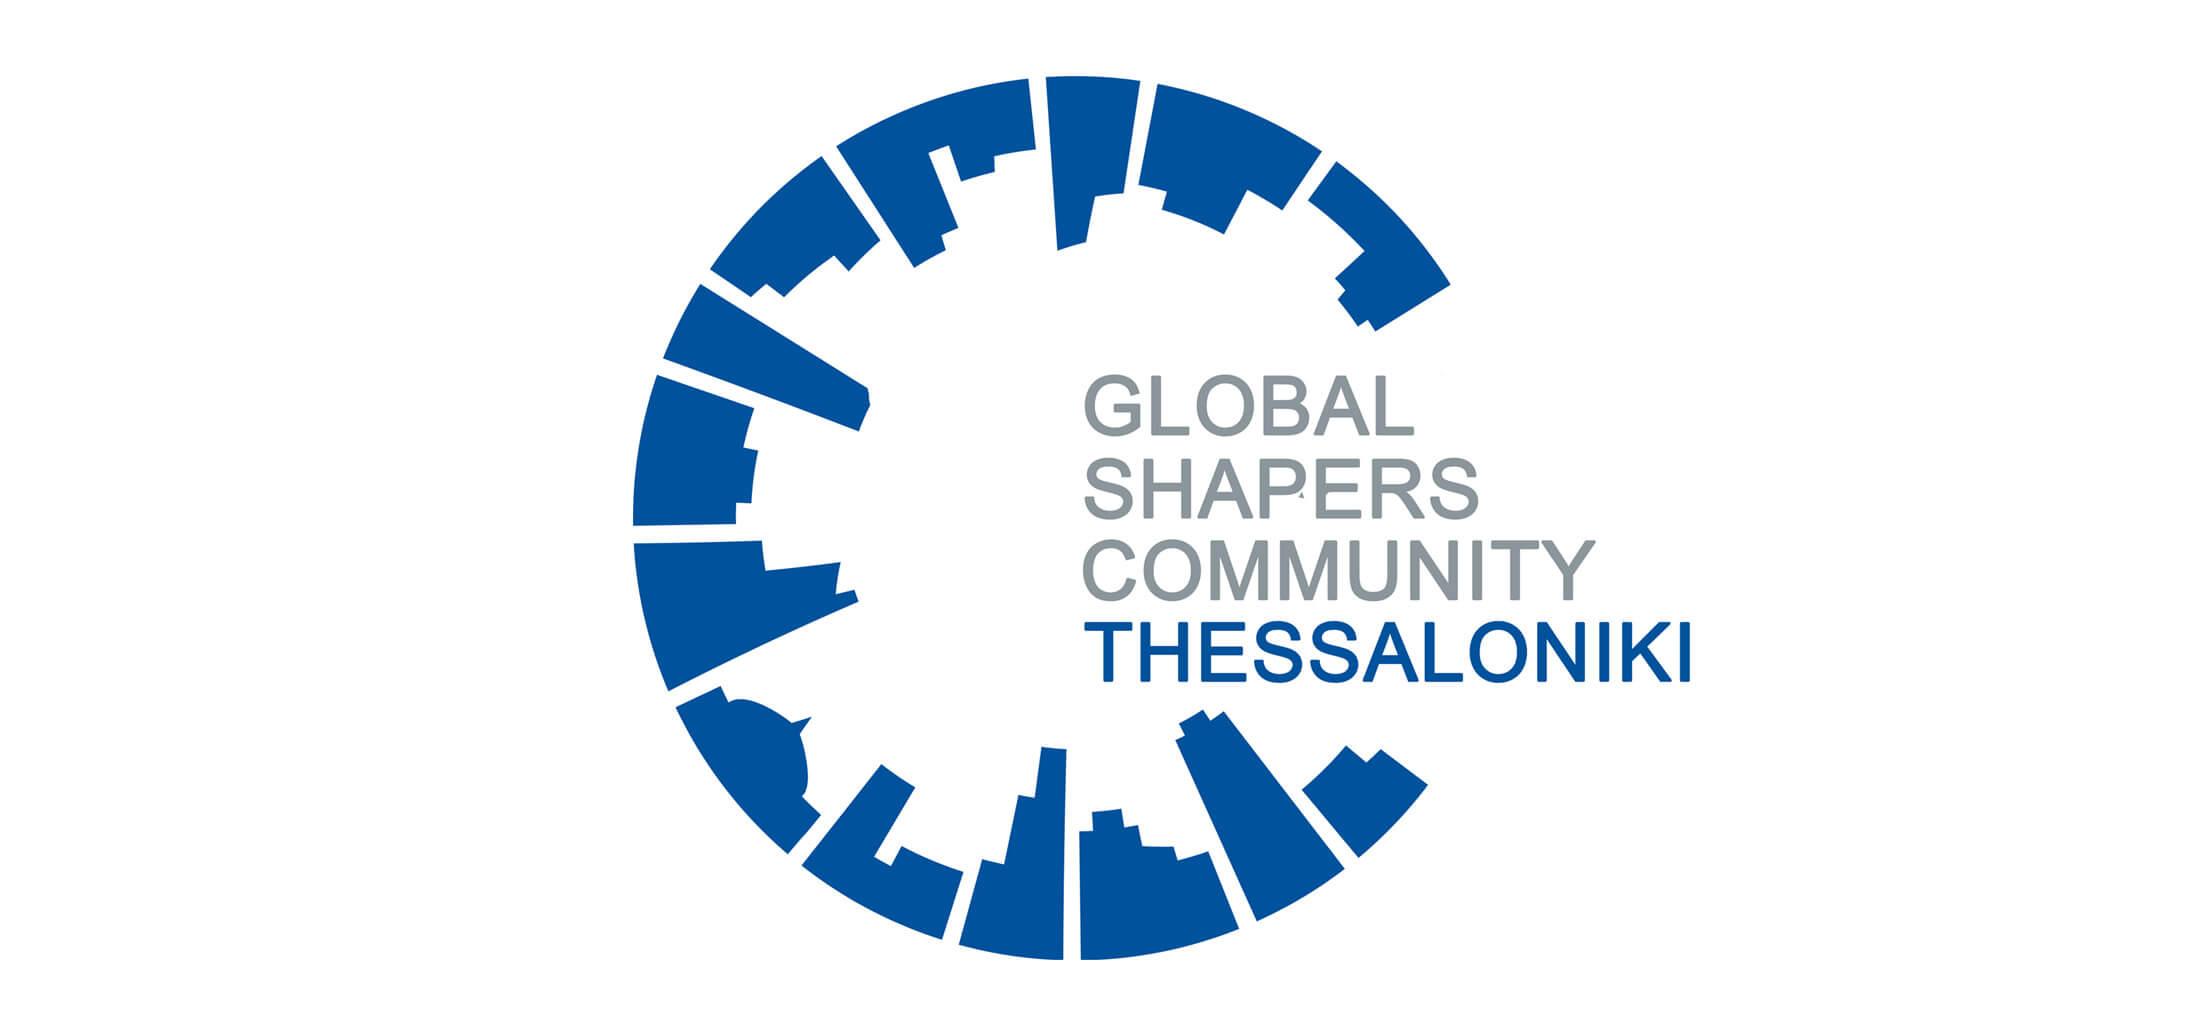 Αντιλήψεις για τις Κύριες Προκλήσεις στη Θεσσαλονίκη